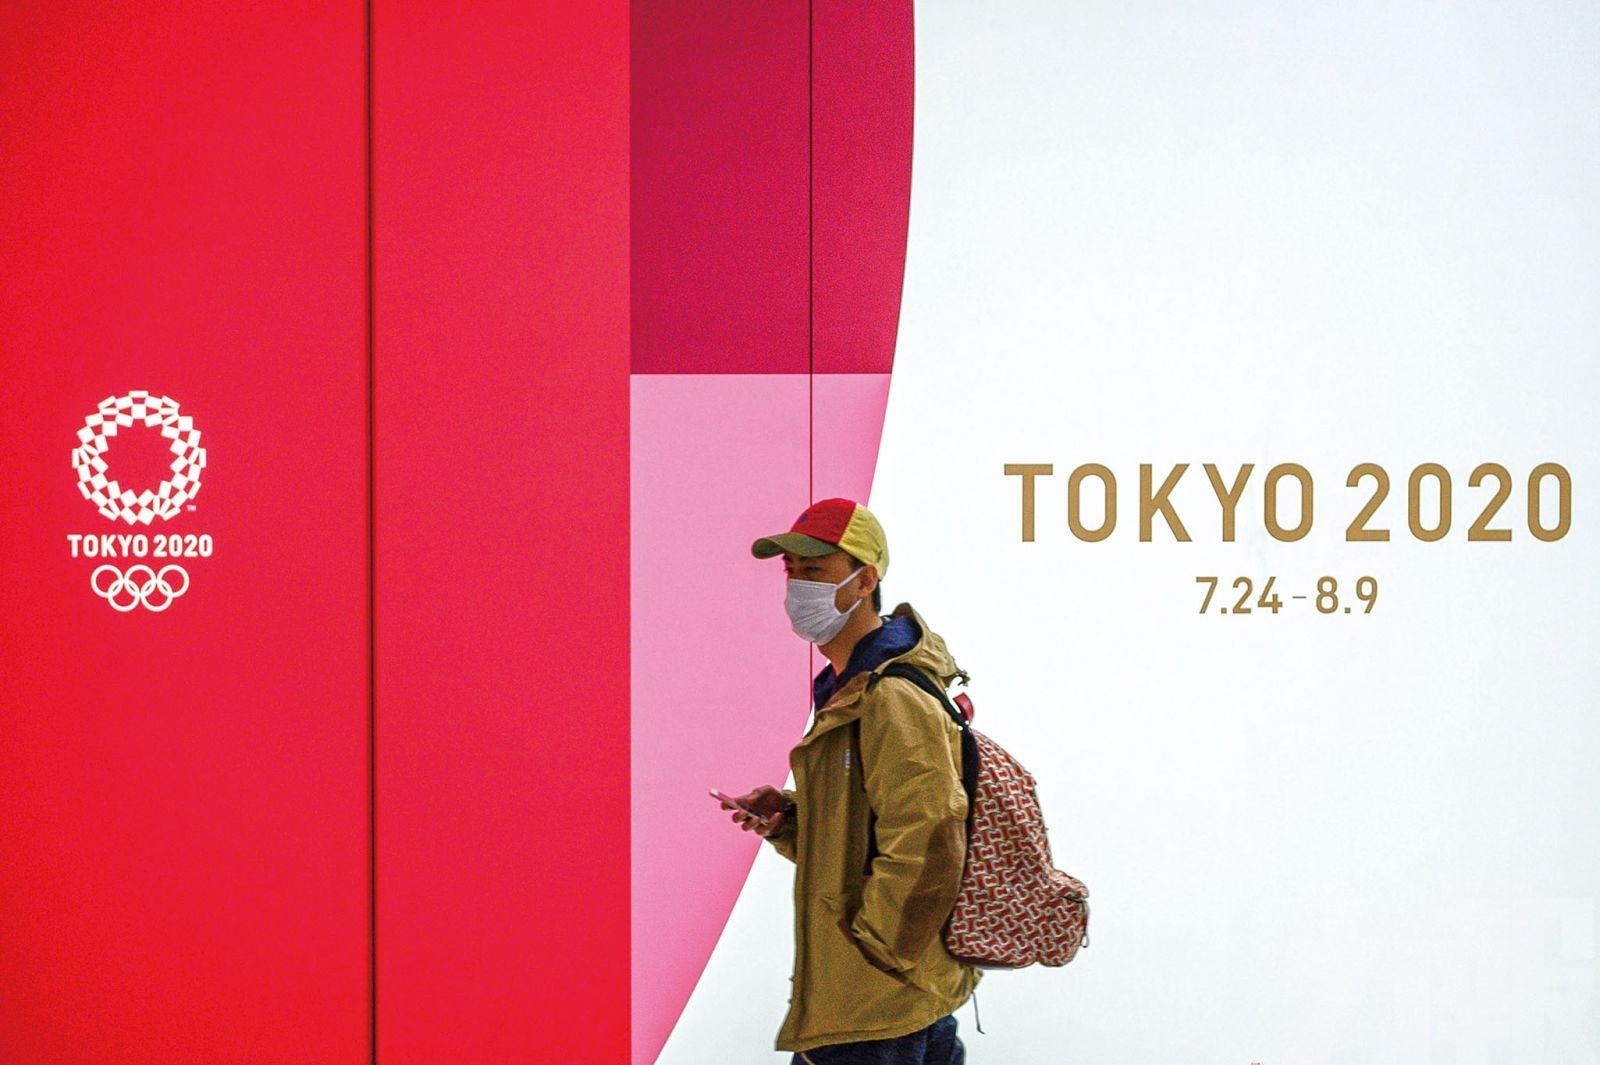 可能 性 封鎖 東京